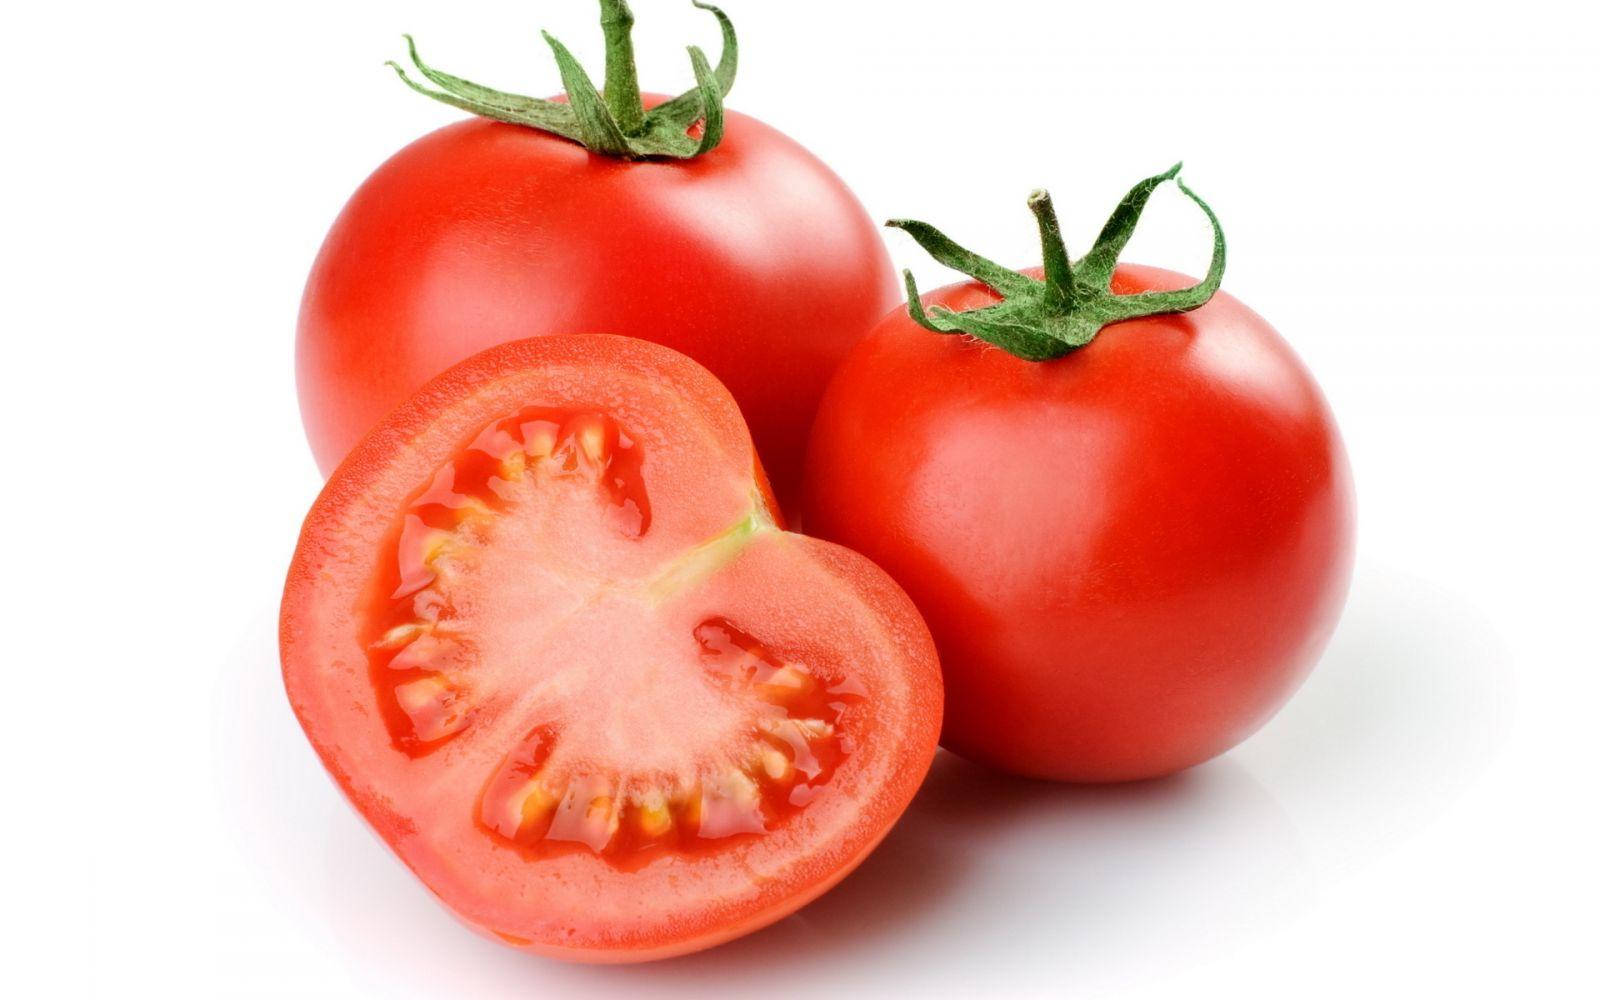 Cà chua cũng có tác dụng khắc phục các món bị mặn rất hiệu quả